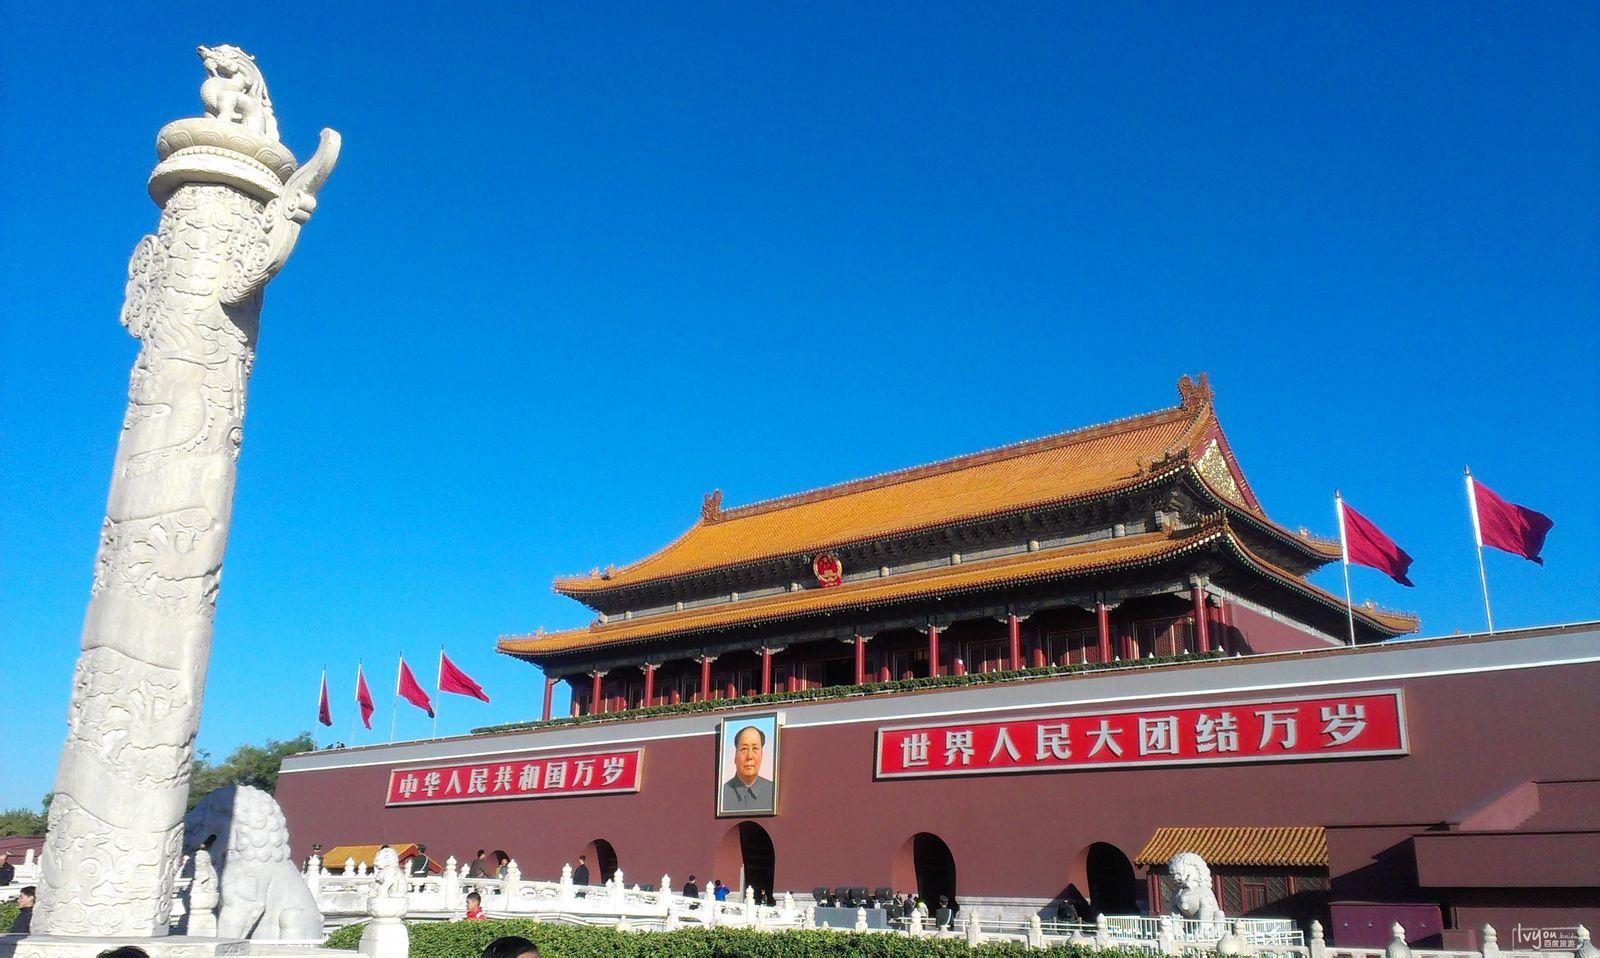 首都北京_旅行画册旅行图片_百度旅游